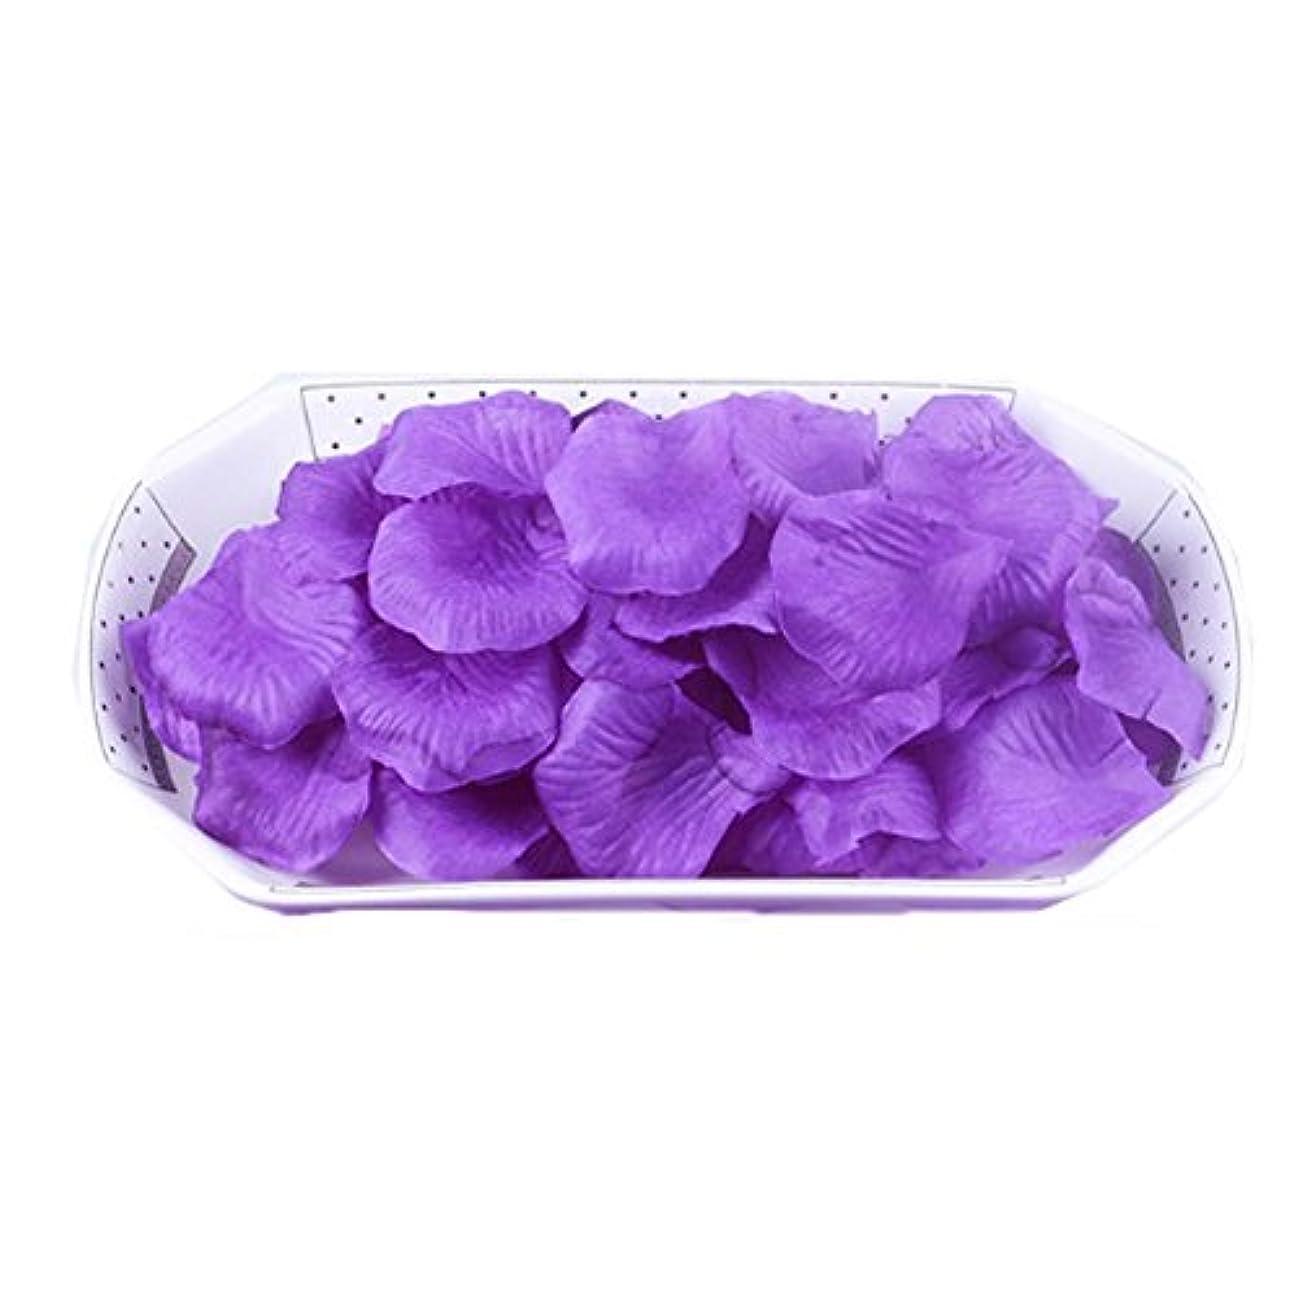 マーカーエレクトロニック交流する結婚式の装飾のための人工花の花びら紫2000 PC